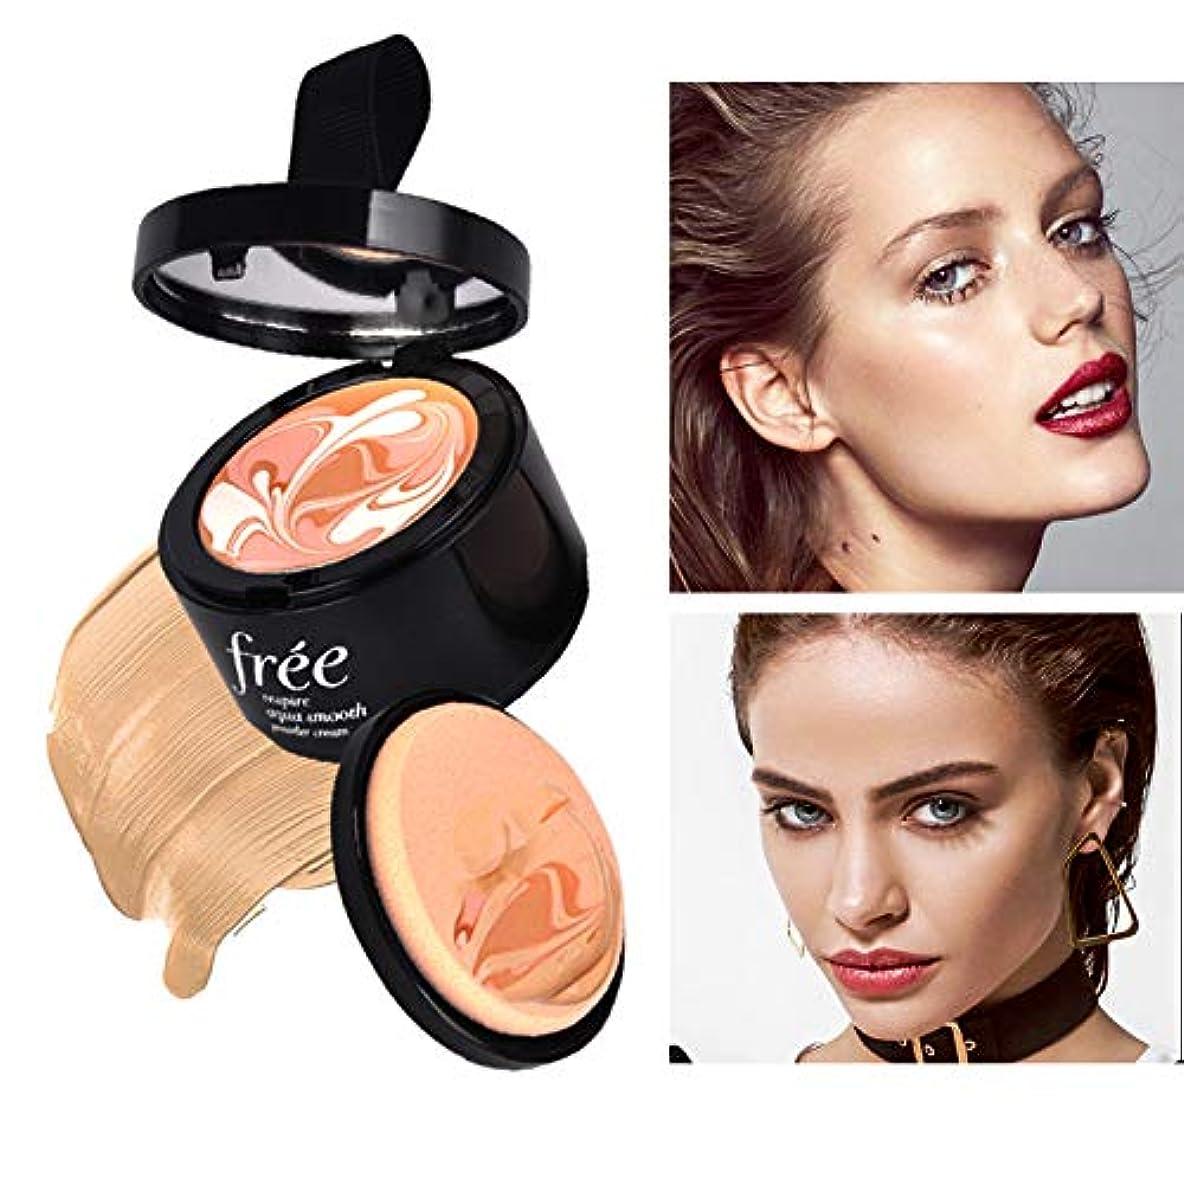 コカイン投獄ポータブルFoundation Cream Concealer moisturizing Whitening flawless makeup For Face Beauty Base Makeup ファンデーションクリームコンシーラーモイスチャライジングホワイトニングフェイシャルメイクアップフェイシャルビューティベースメイクアップ